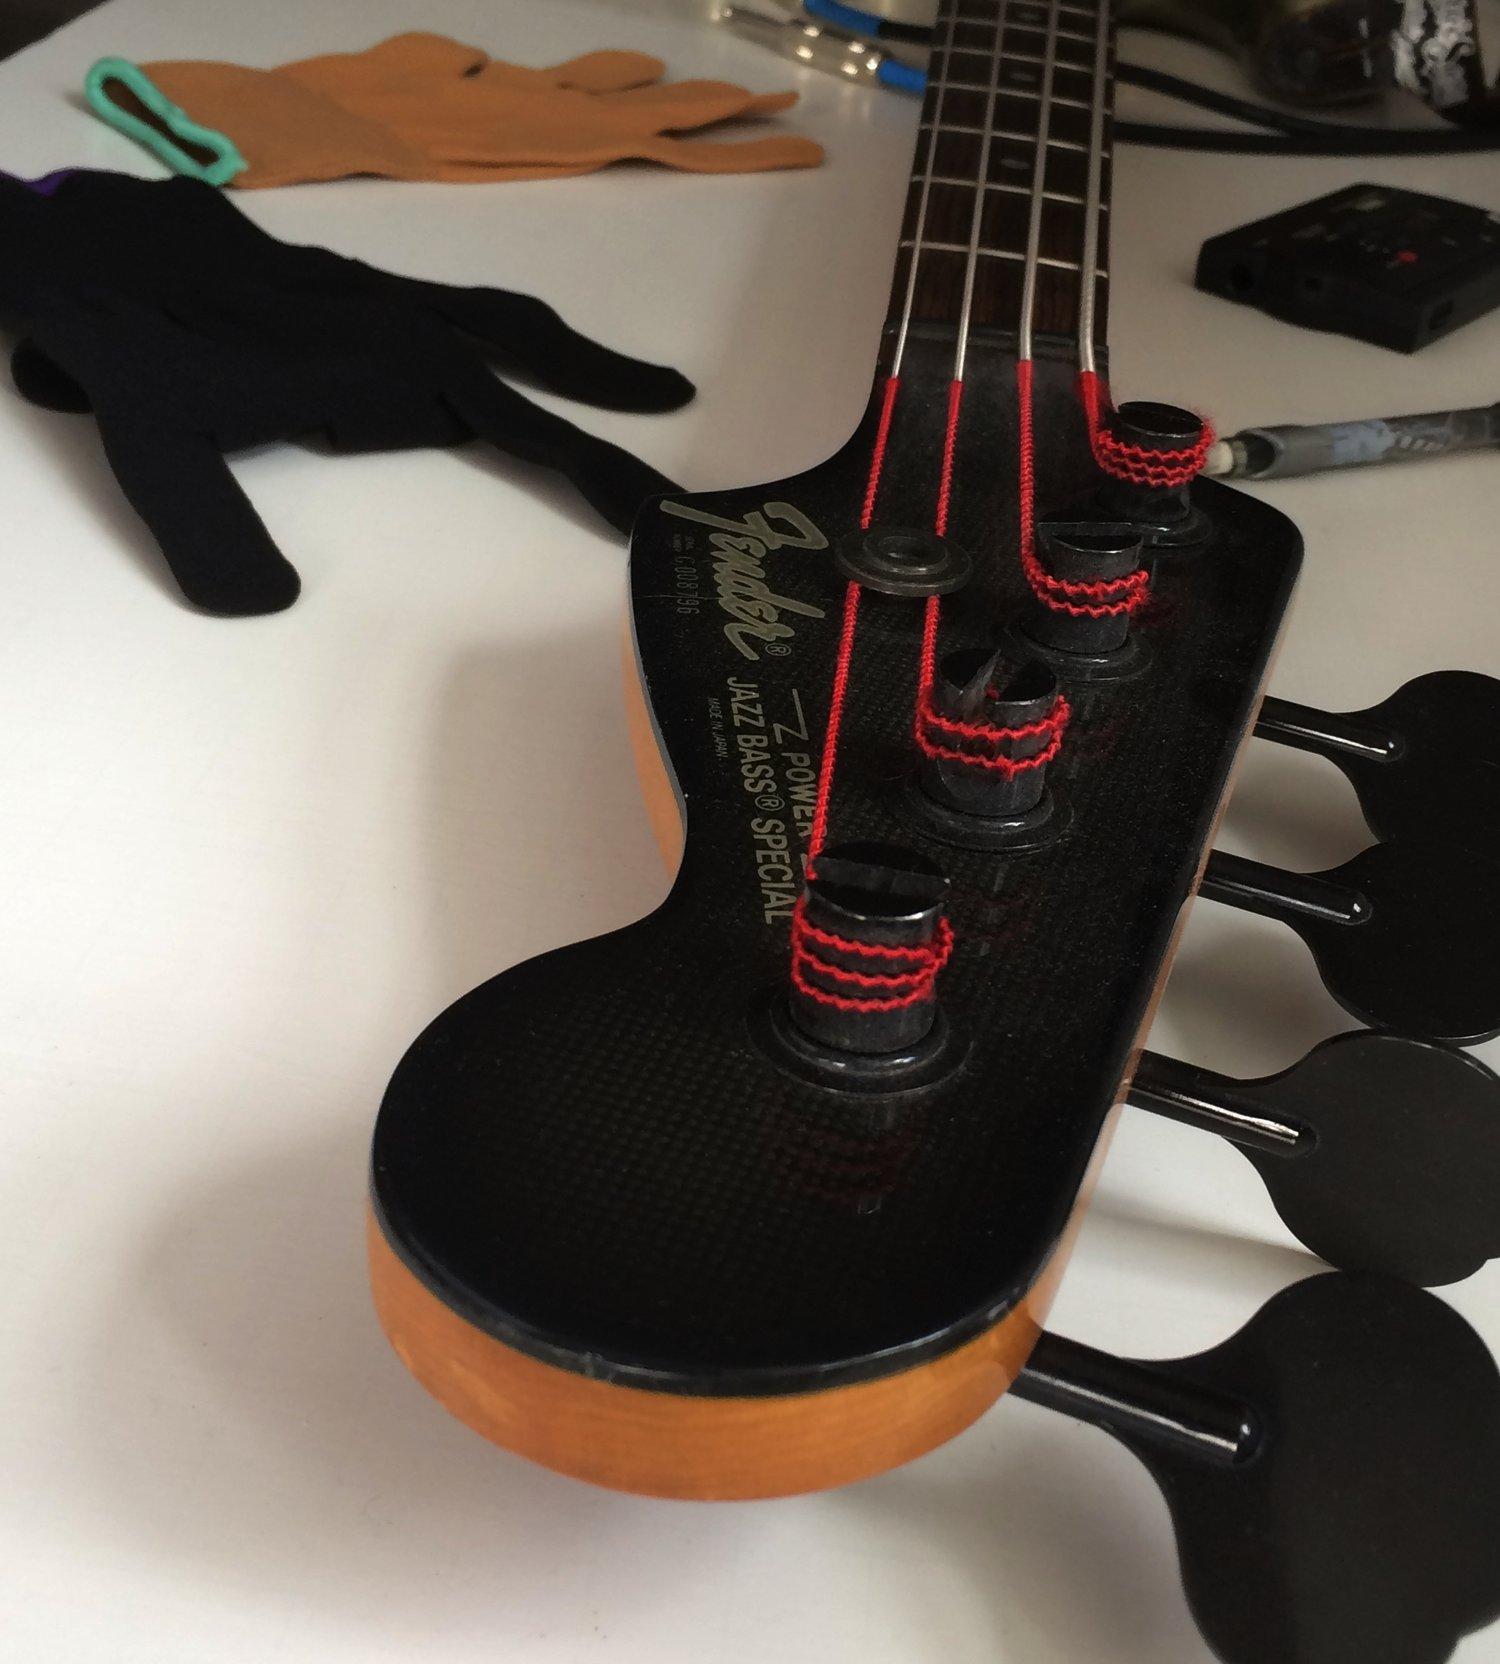 Fingerless gloves for guitarists - Fingerless Gloves For Guitarists 10